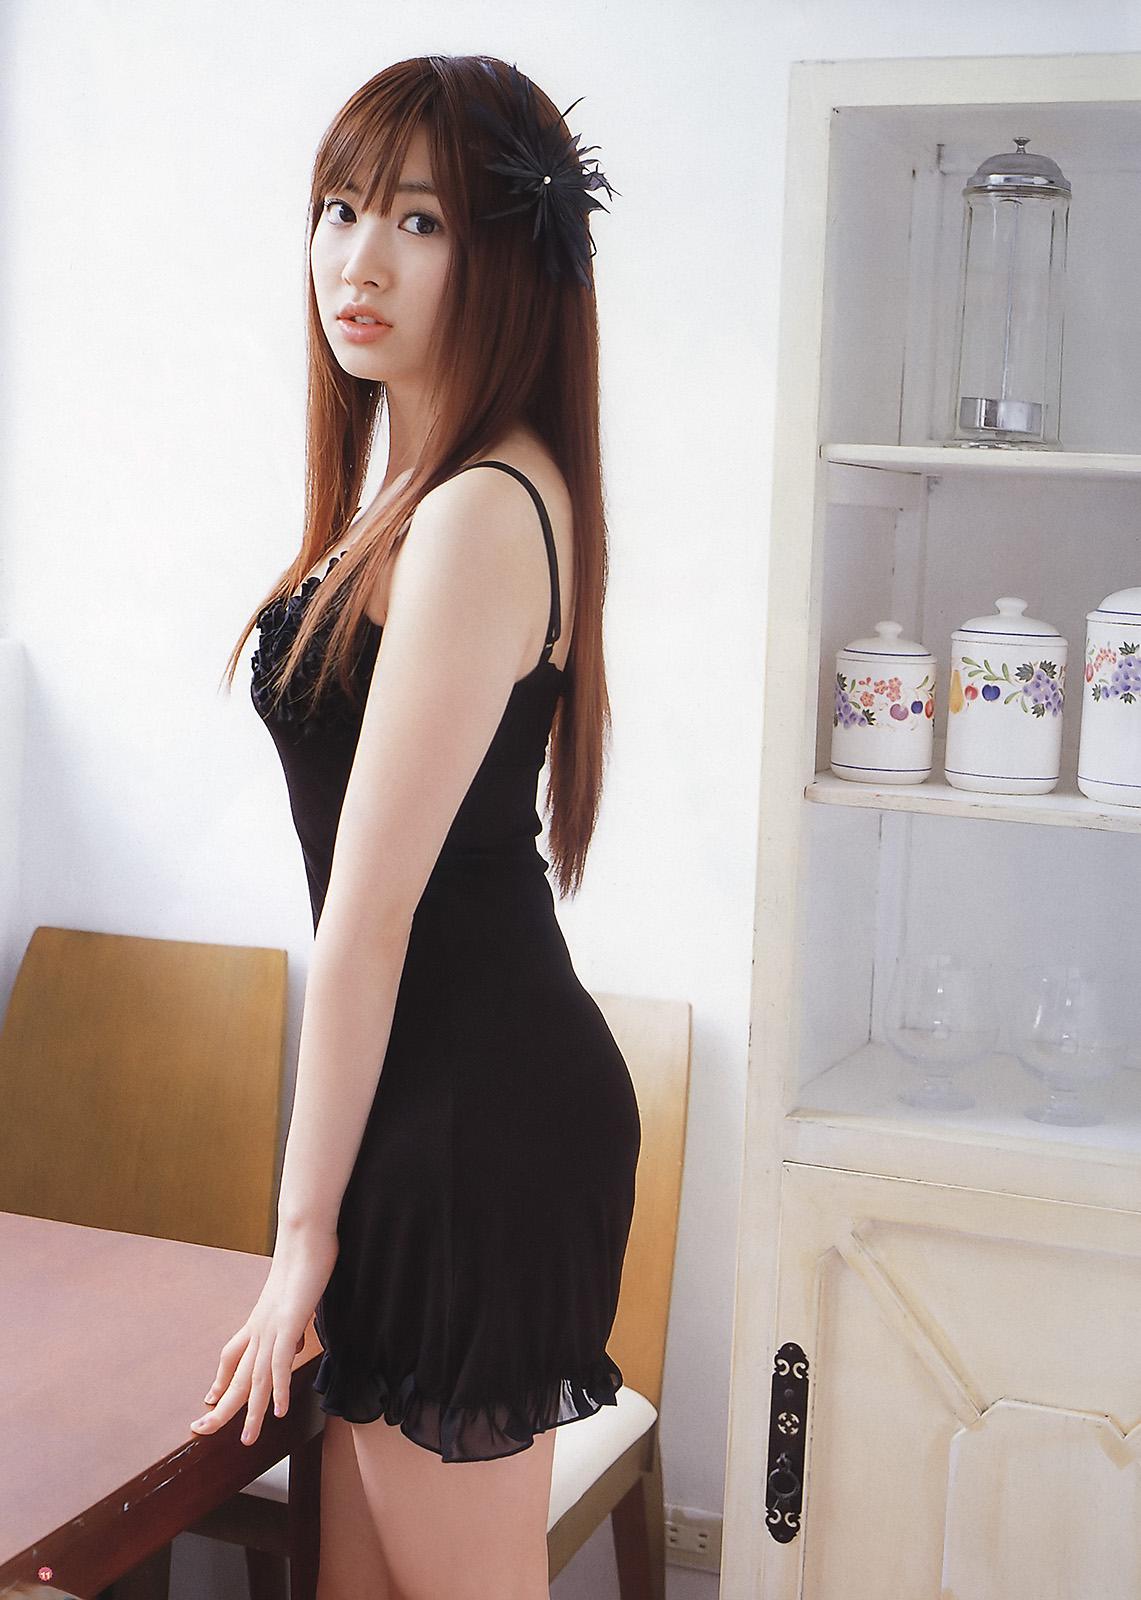 小嶋阳菜发型分享展示